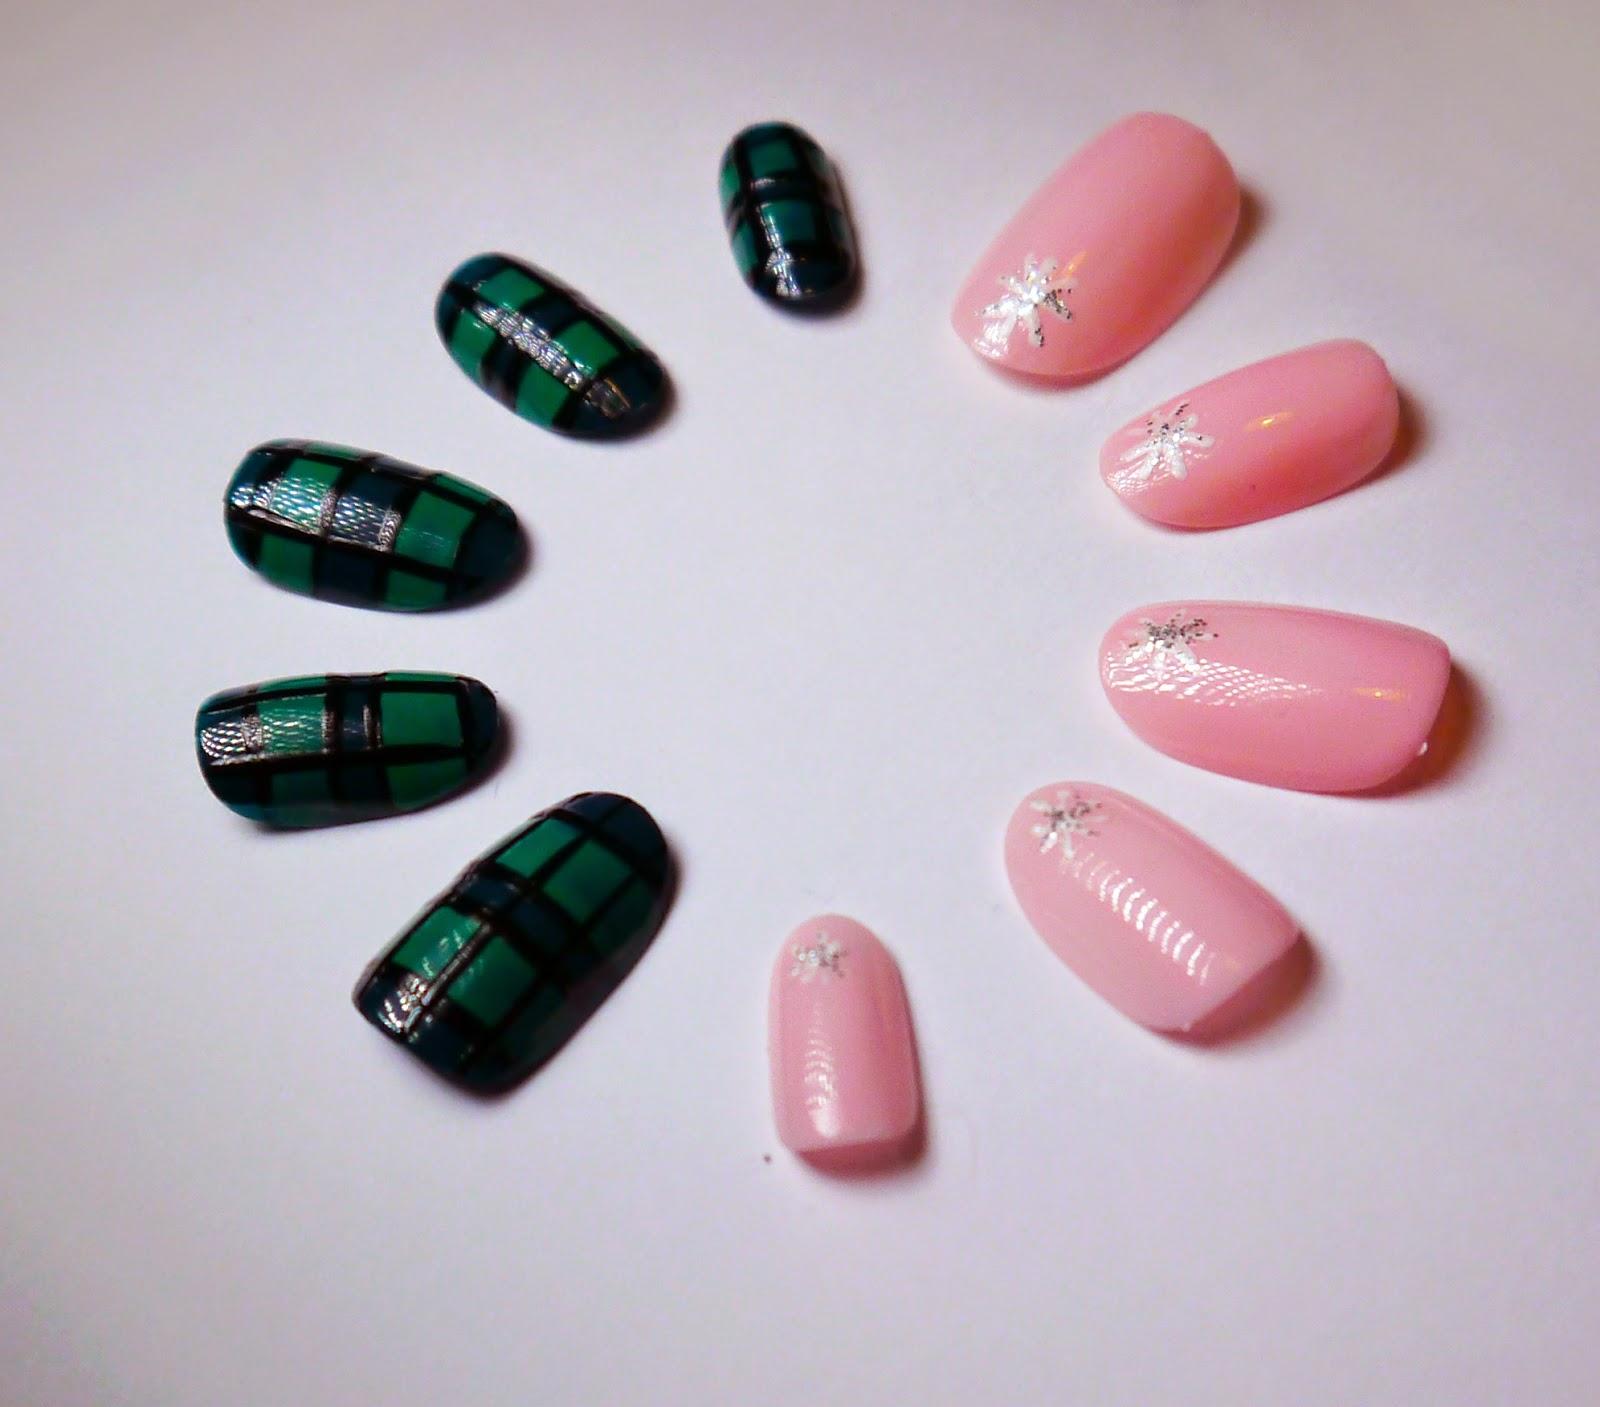 Nail art, tartan nail art, pink nail art